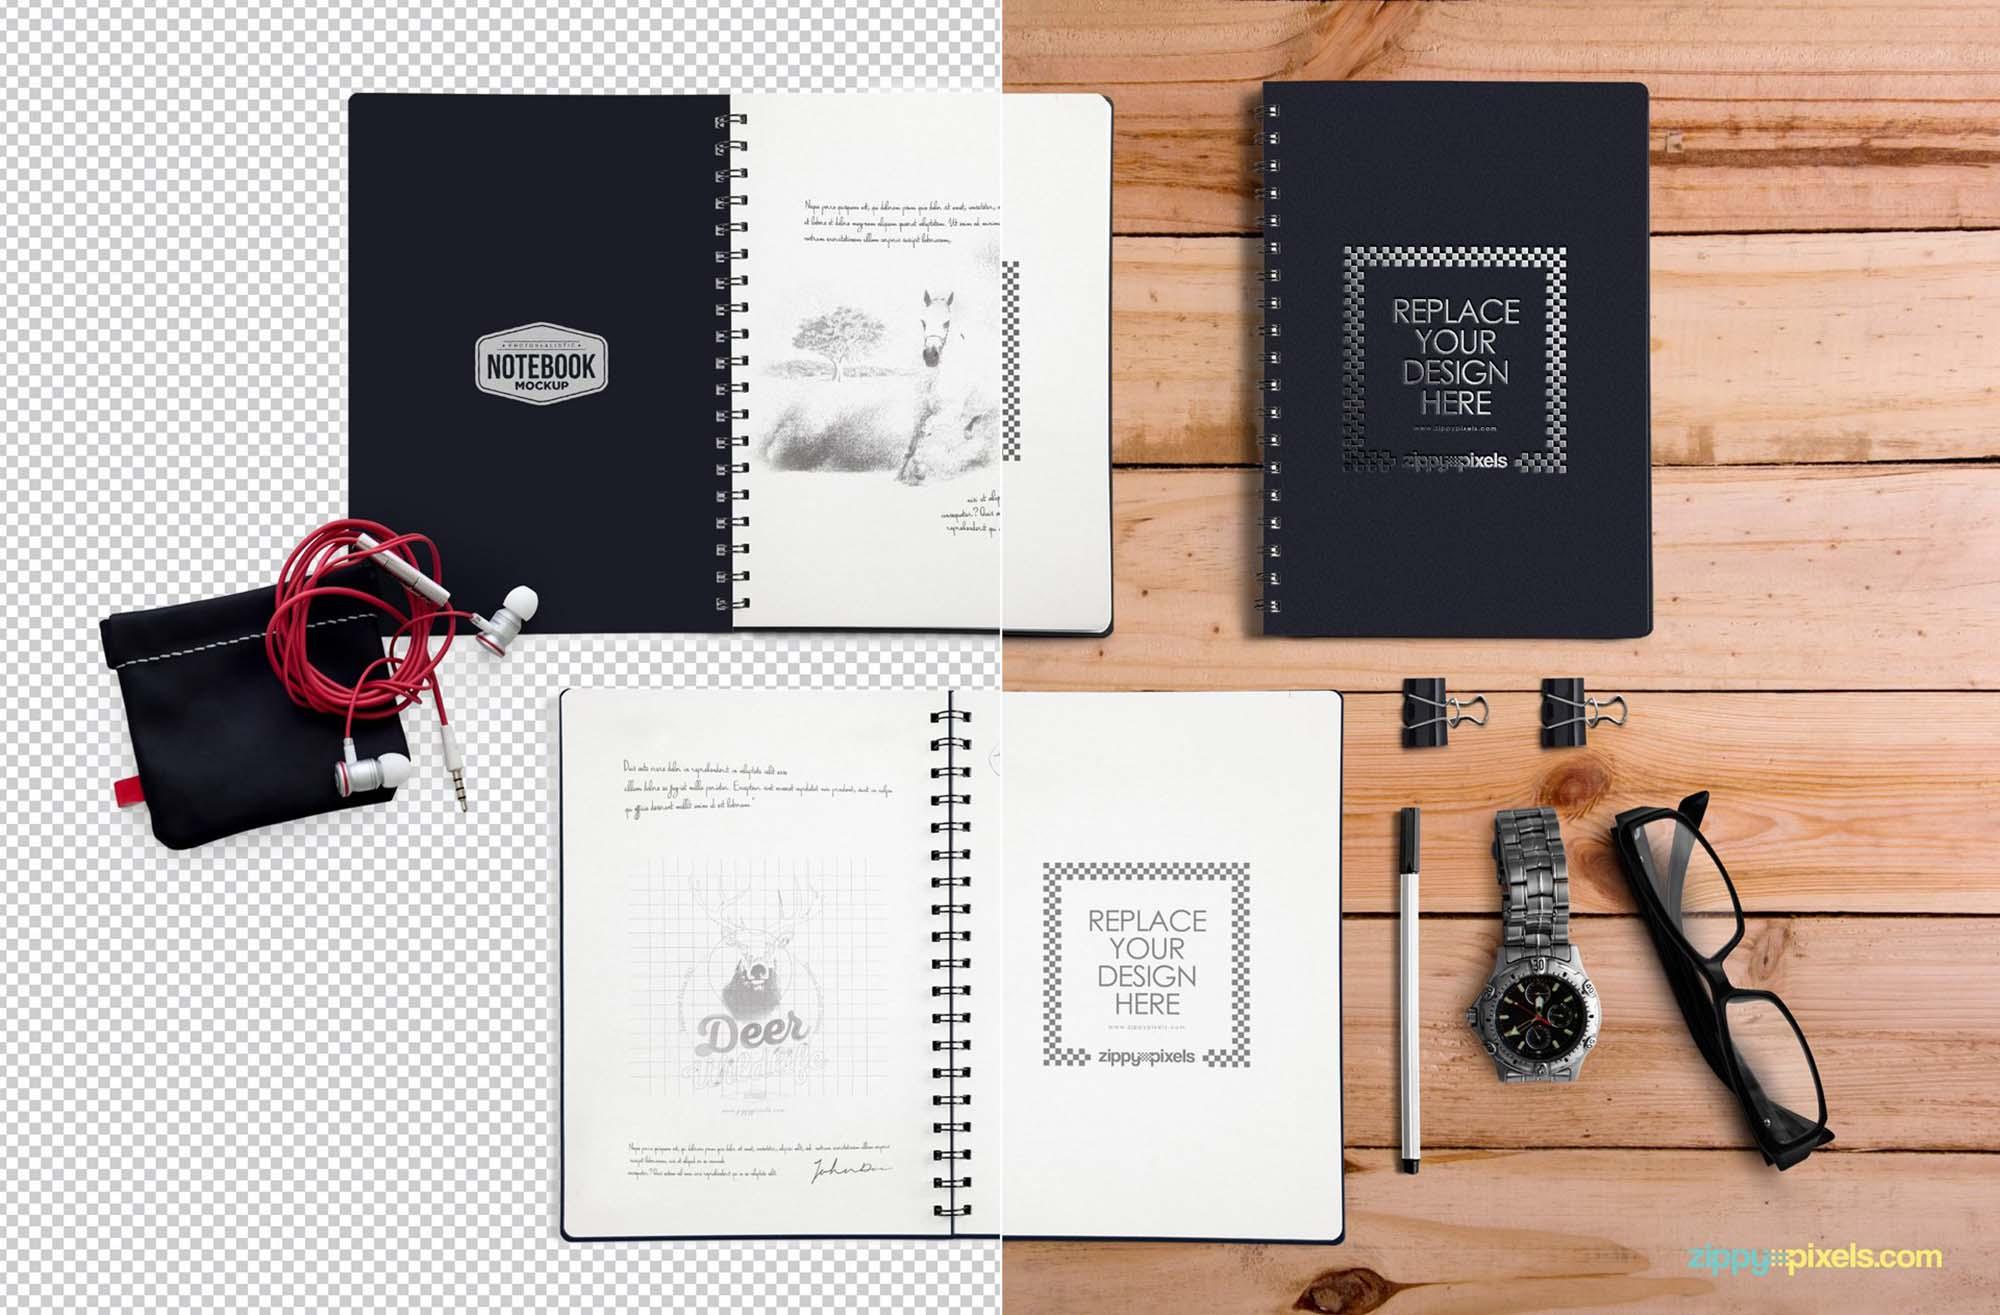 Notebook Scene Mockup 1